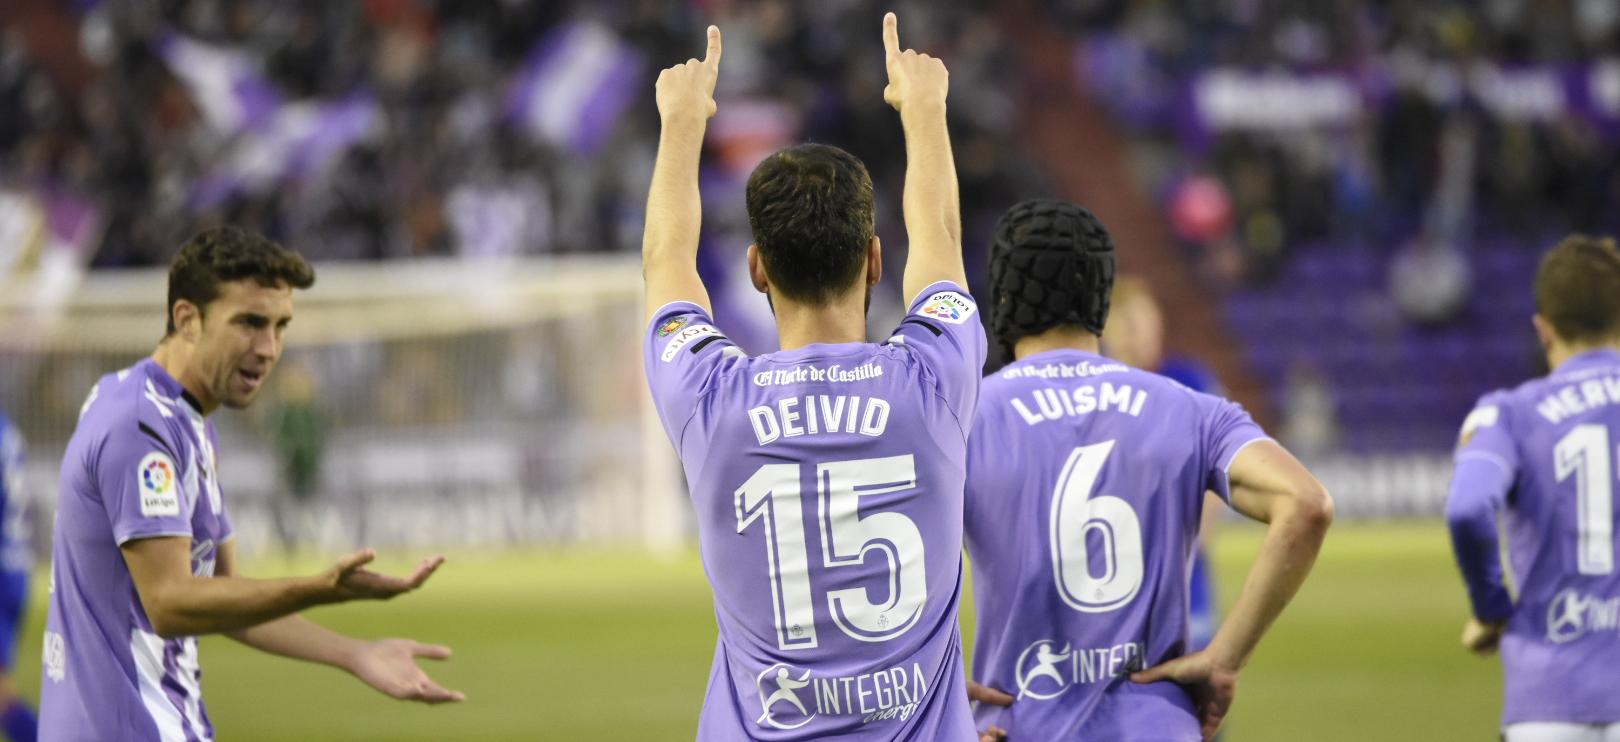 Deivid Rodríguez, tras el tanto anotado al Real Valladolid | <em><strong>Foto: Ándrés Domingo - ElDesmarque Valladolid</strong></em>